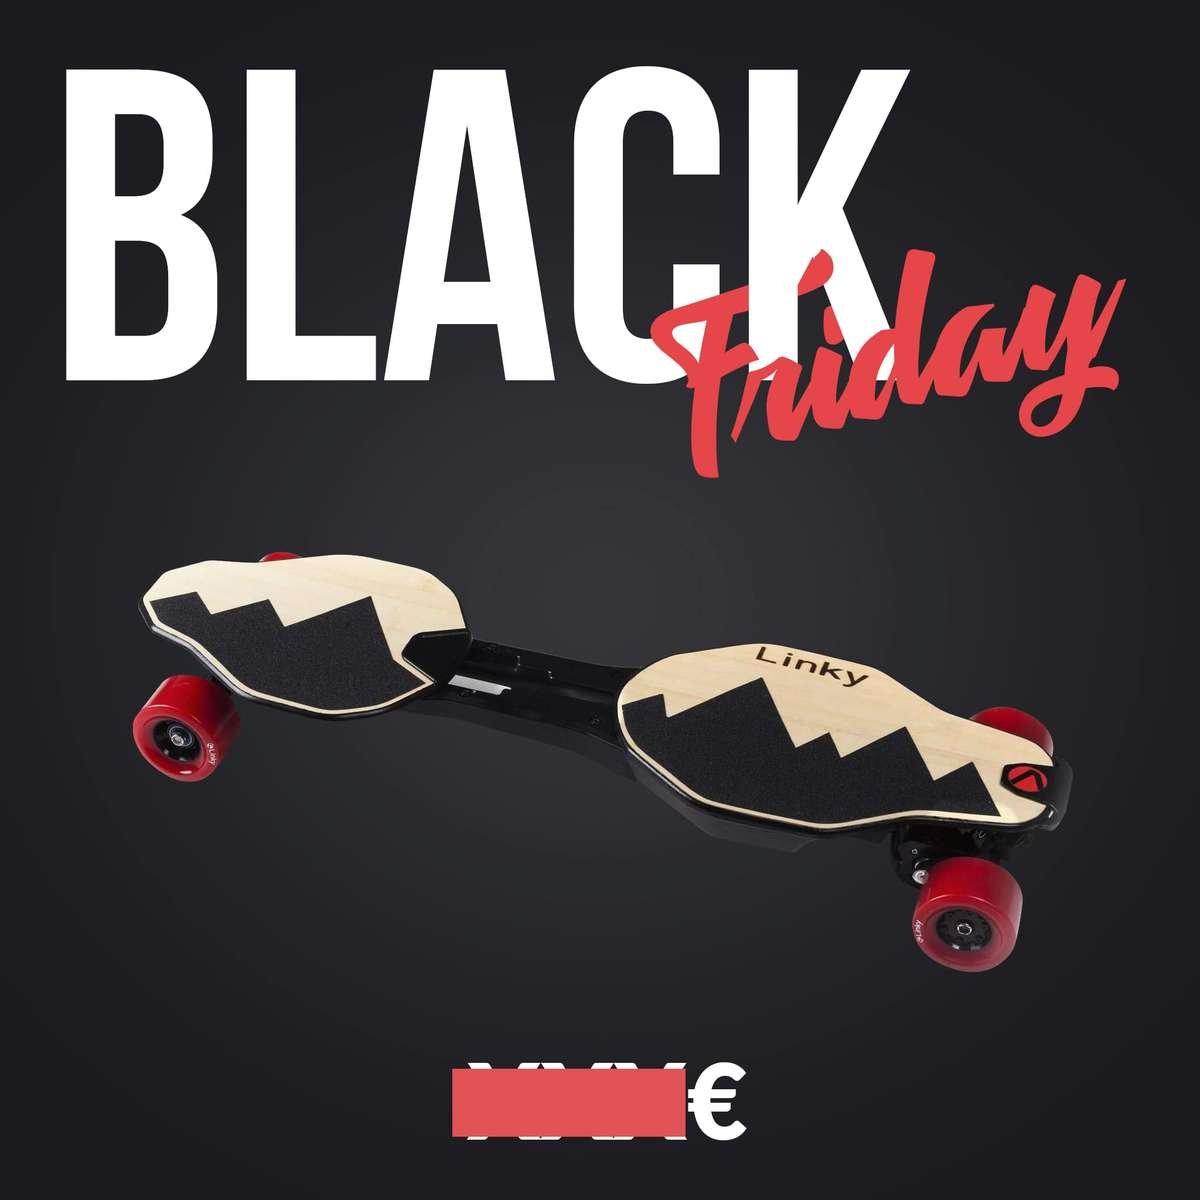 skate electrique black friday linky